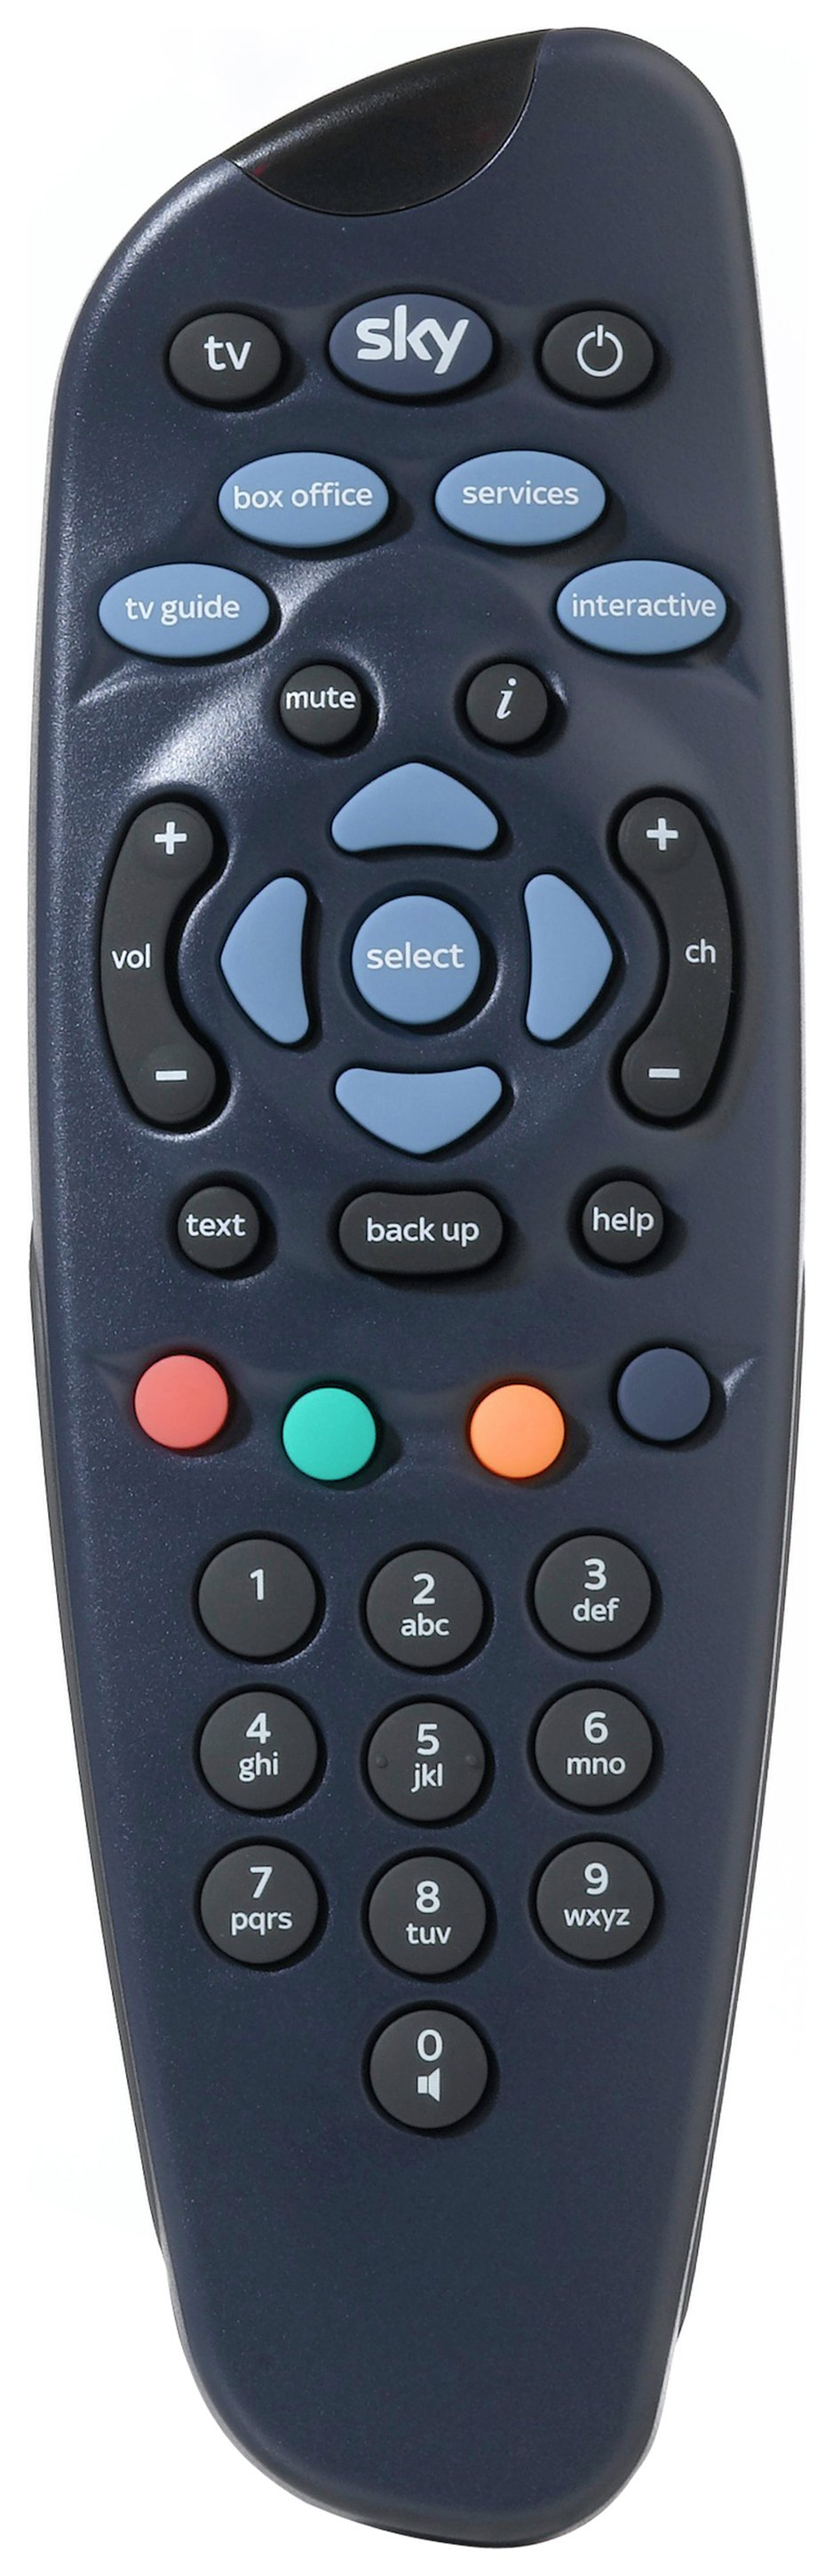 Sky Remote Control - Blue